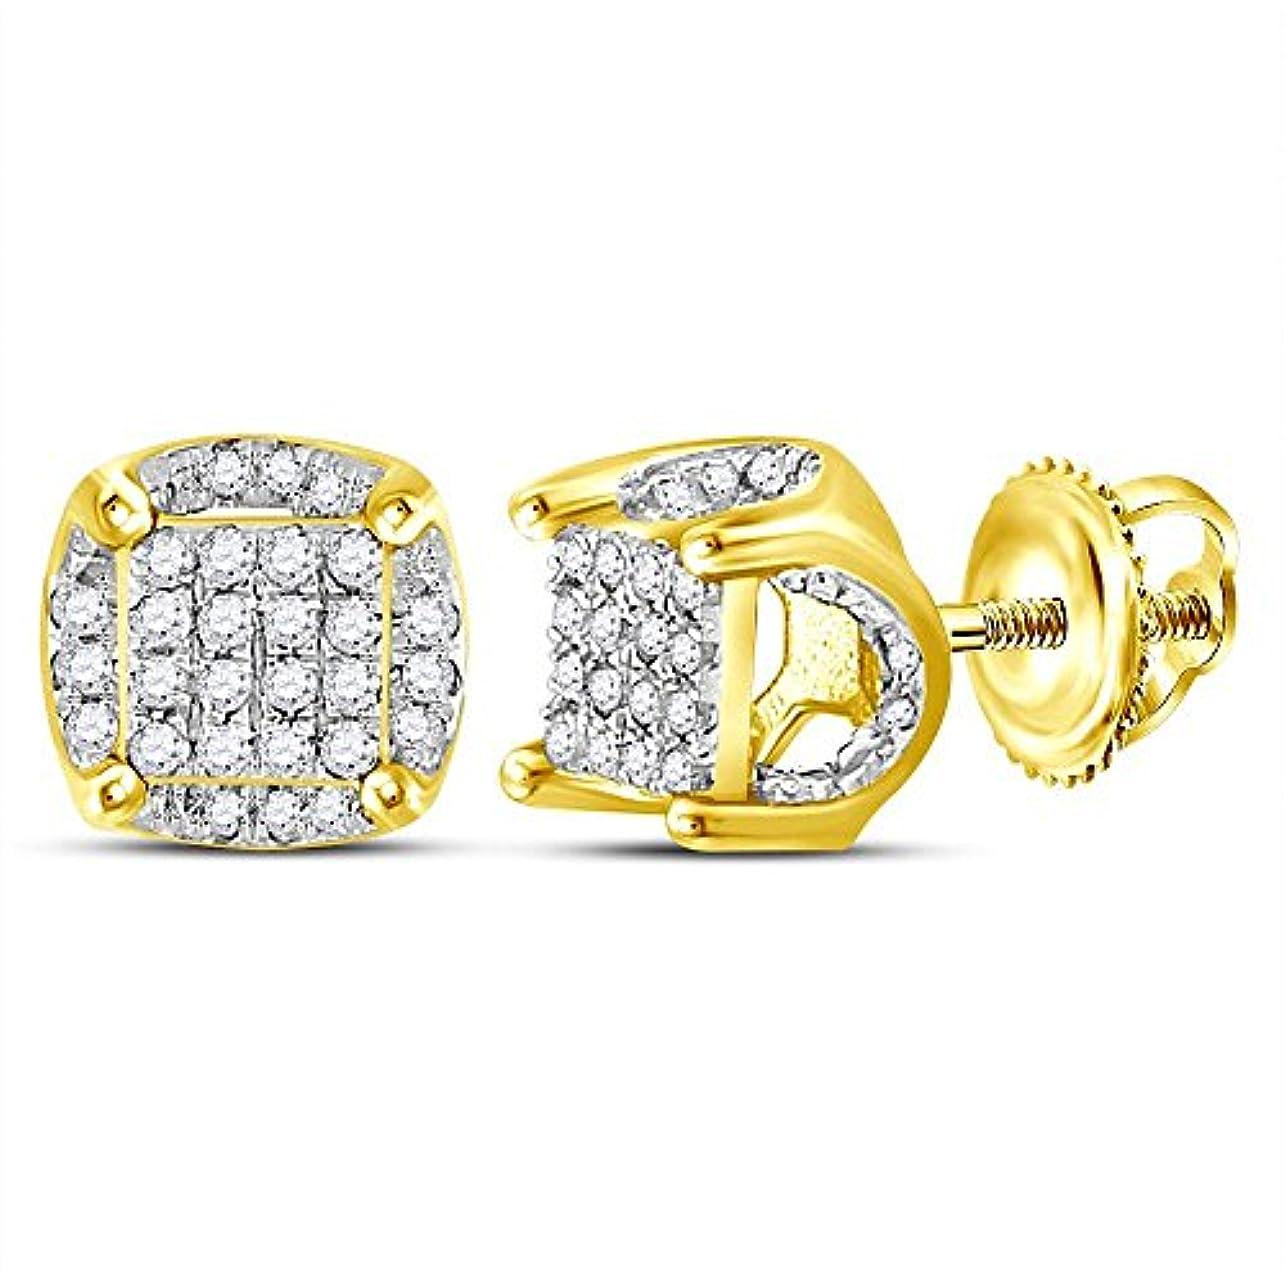 ミシンマーガレットミッチェルフィード10kt イエローゴールド メンズ ラウンドダイヤモンド クラスタッド ピアス 1/5 Cttw